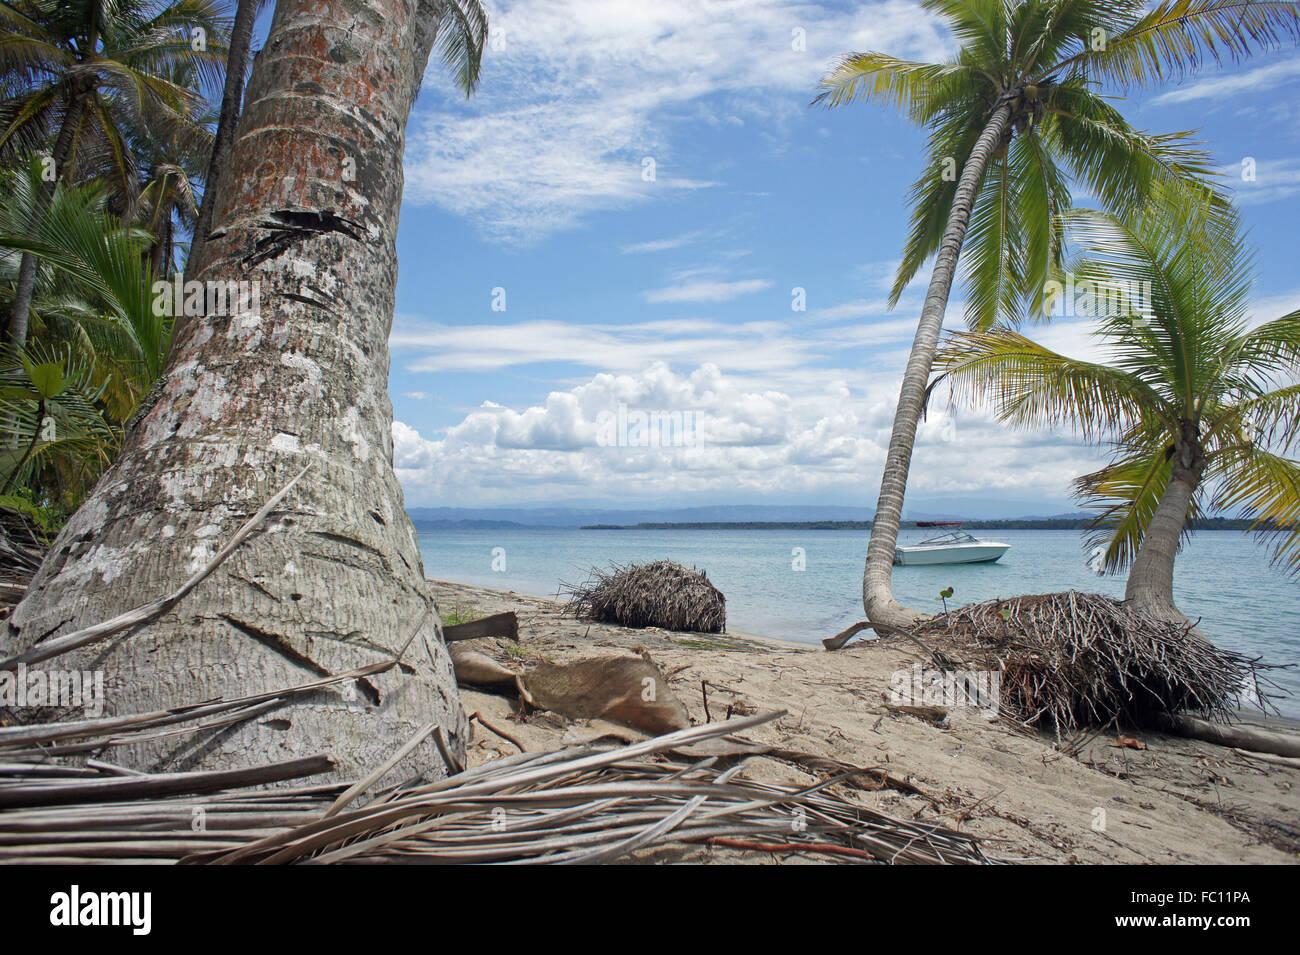 Vacances dans les Caraïbes Photo Stock